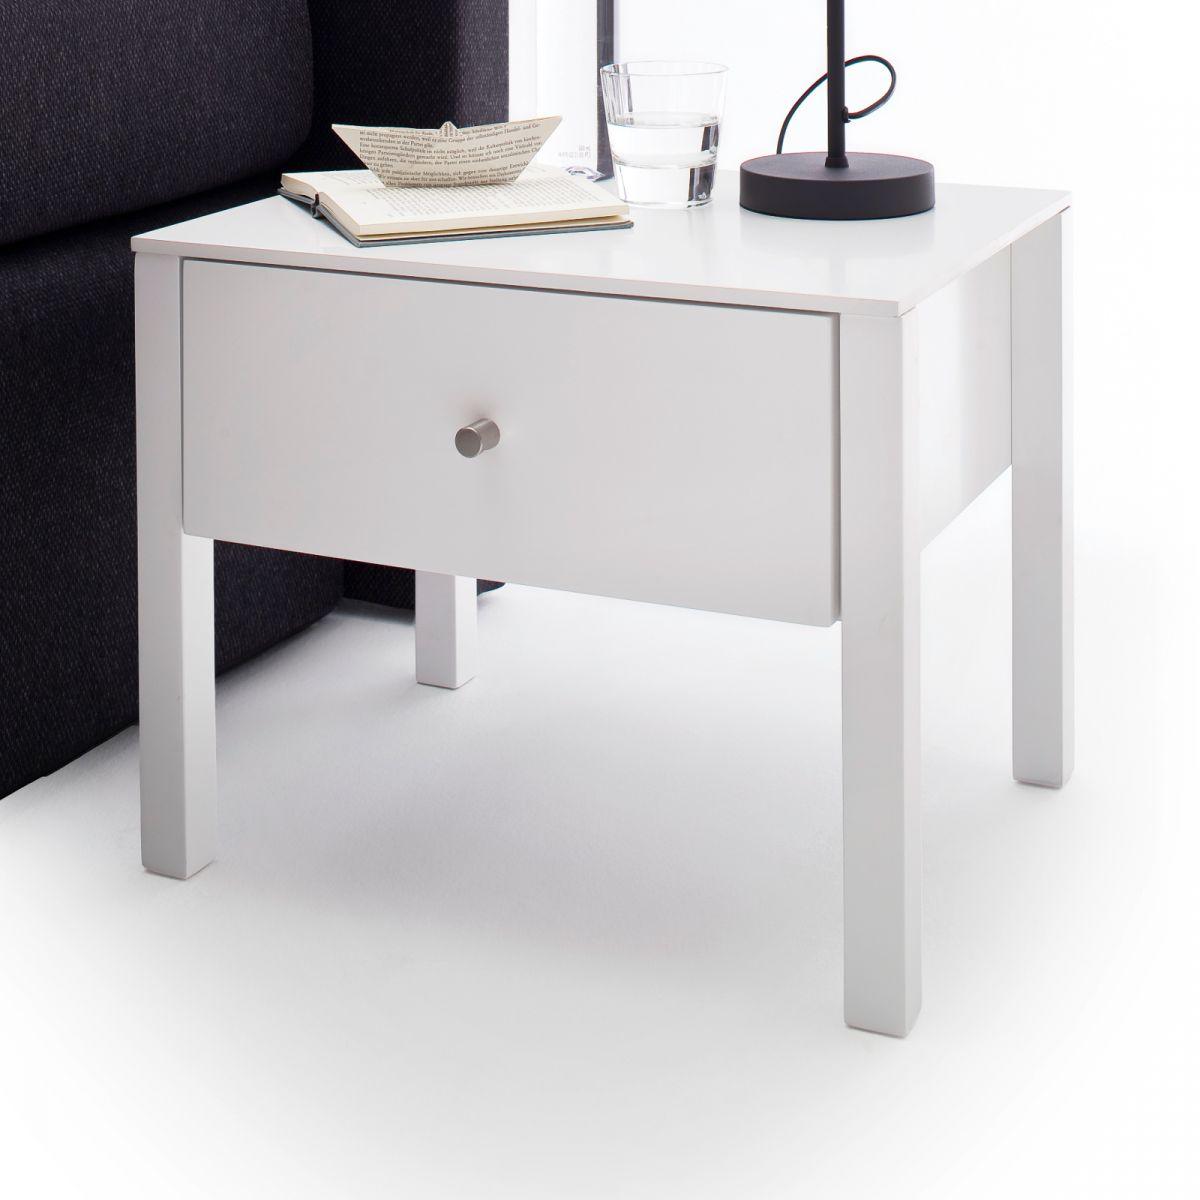 Nachttisch Nola matt weiss lackiert 50 x 40 cm